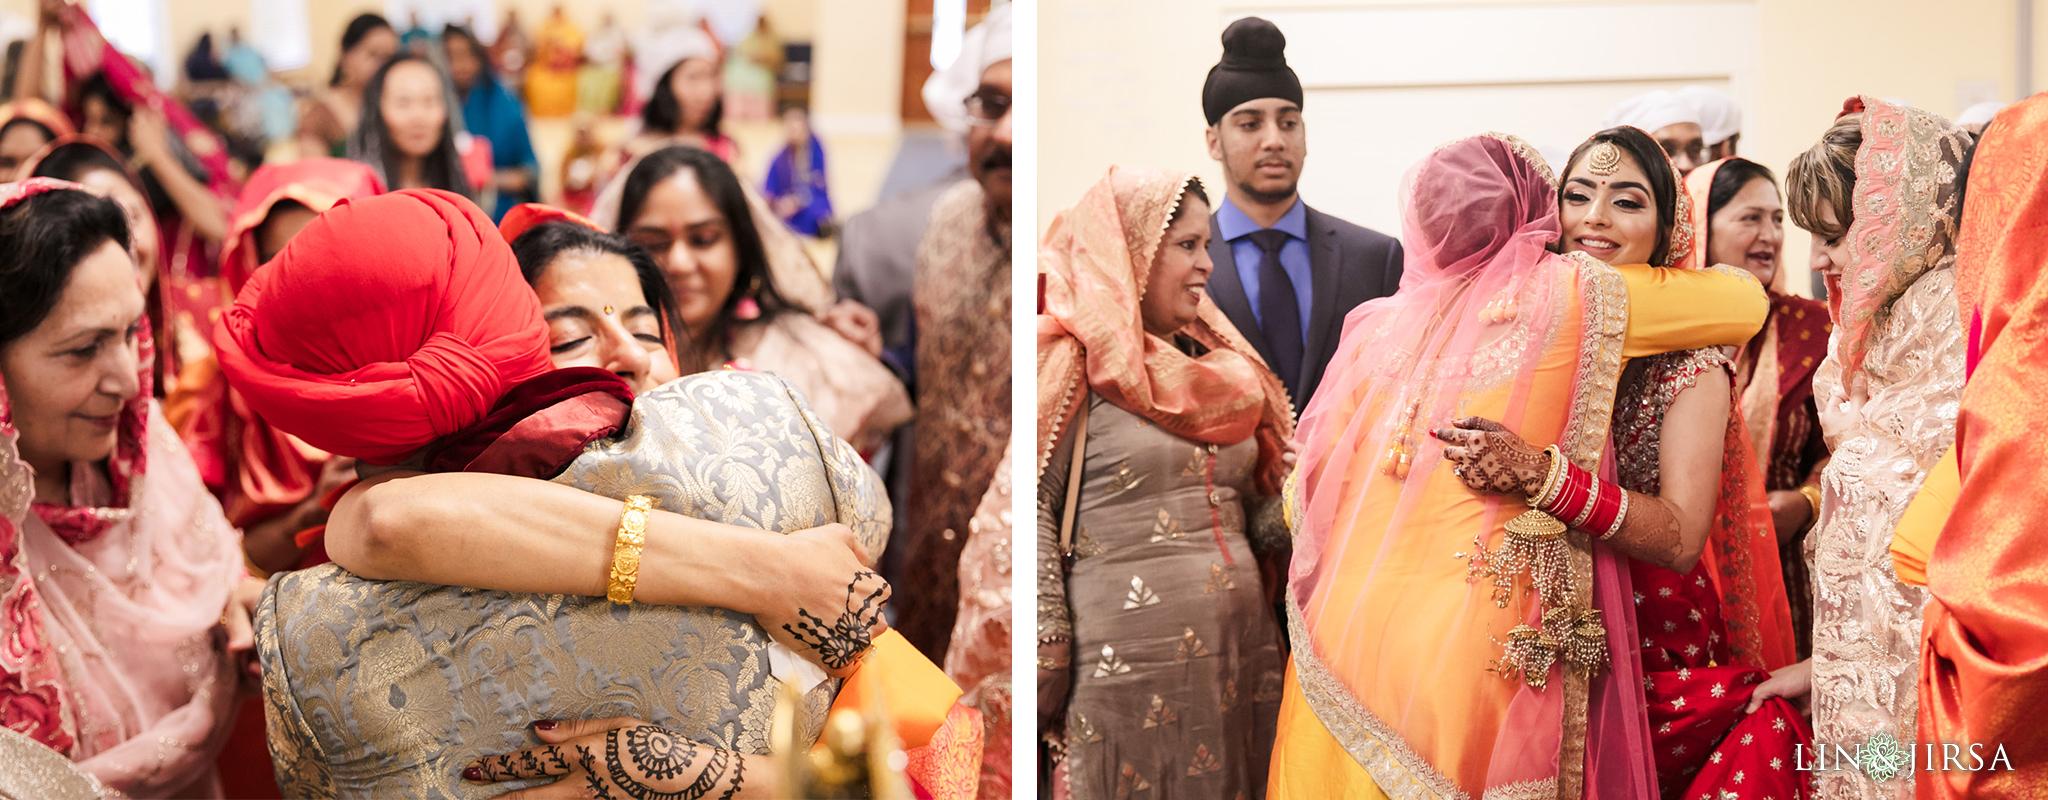 27 Sikh Gurdwara San Jose Punjabi Indian Wedding Photography